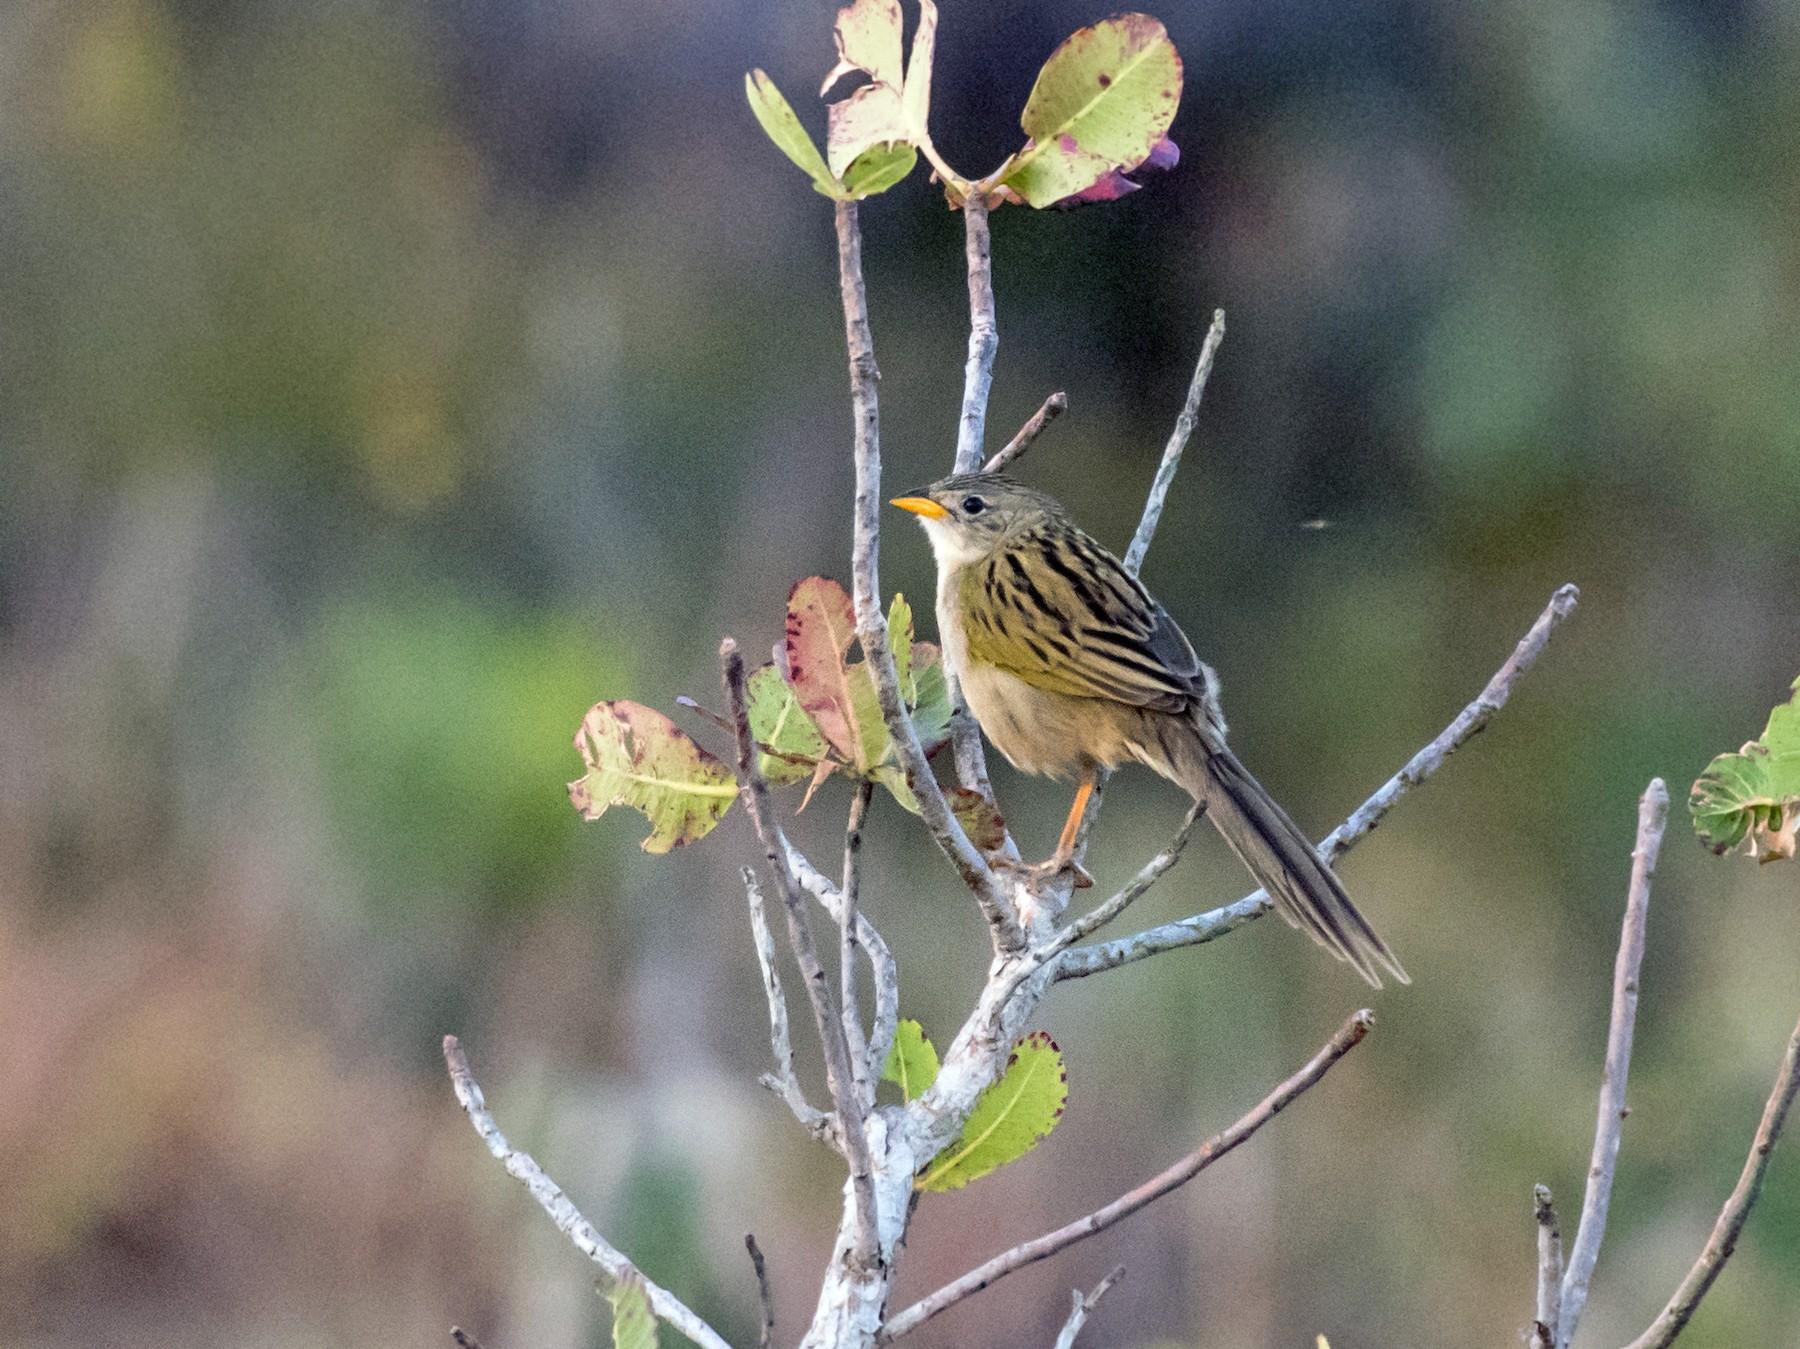 Wedge-tailed Grass-Finch - Hank Davis